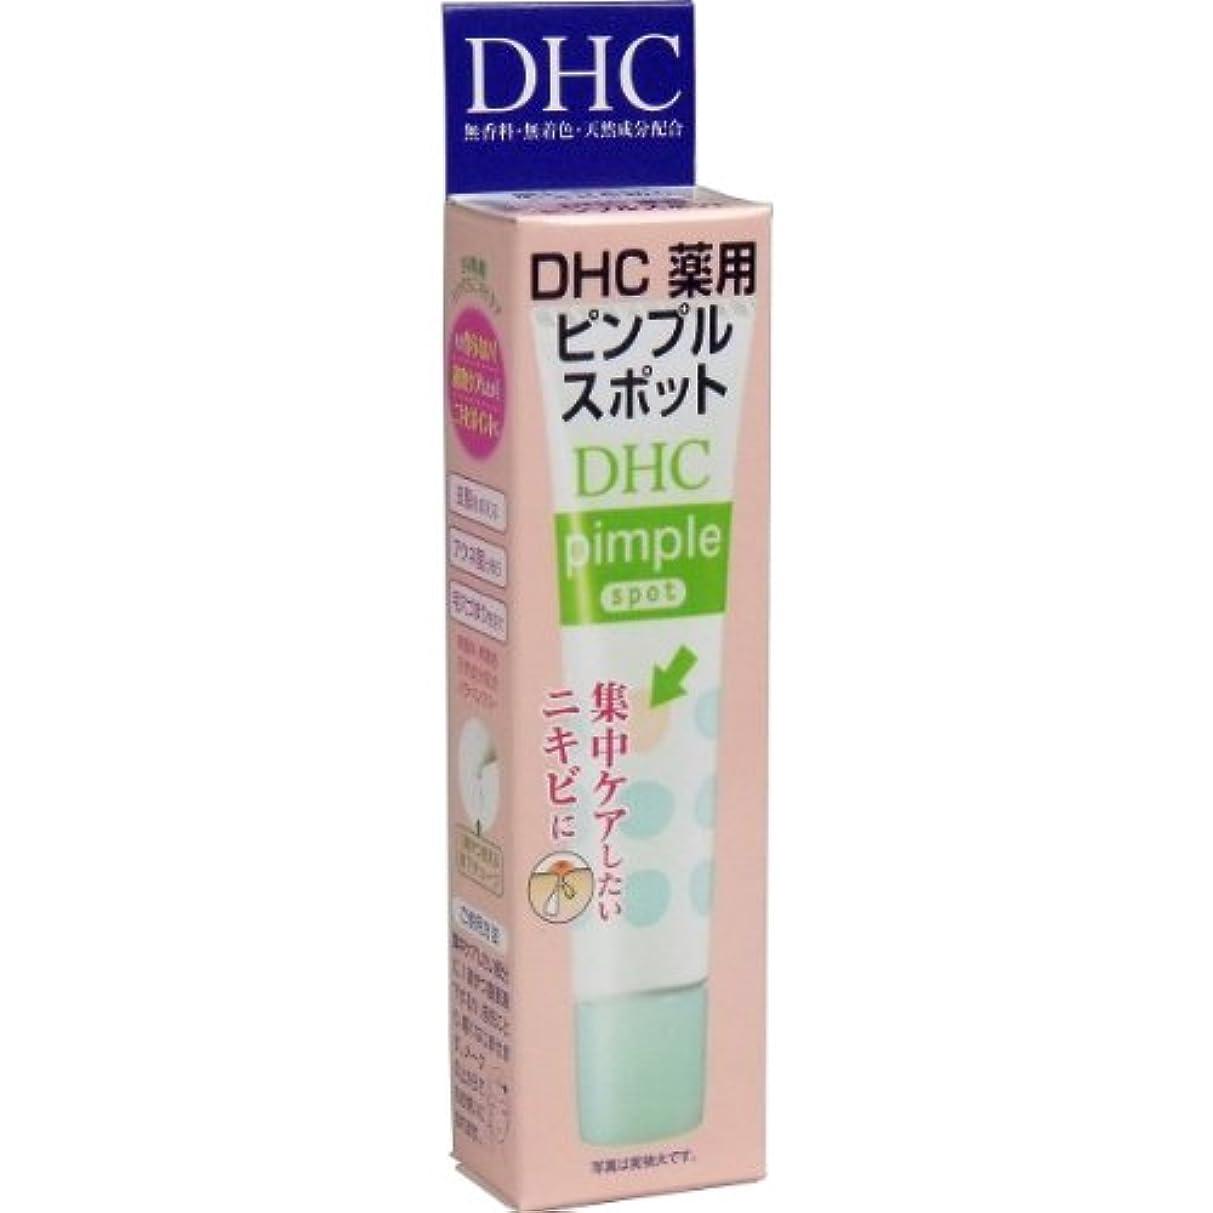 安価な保護撤回する【まとめ買い】DHC薬用ピンプルスポット 15ml ×2セット